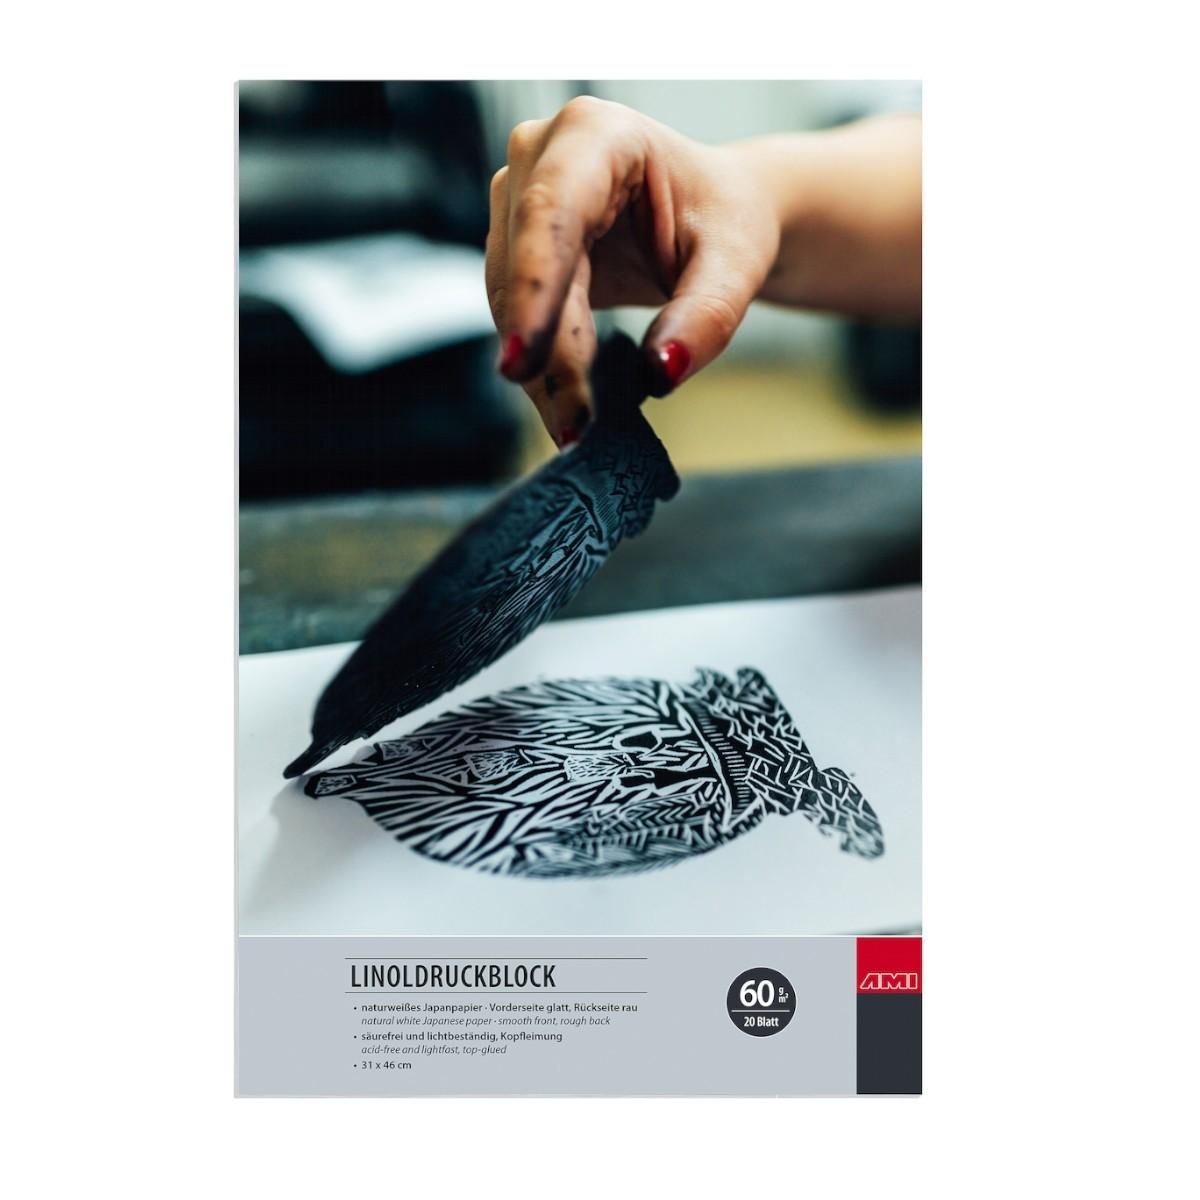 Linoprint japanpapir, blok, 60 g, 20 ark